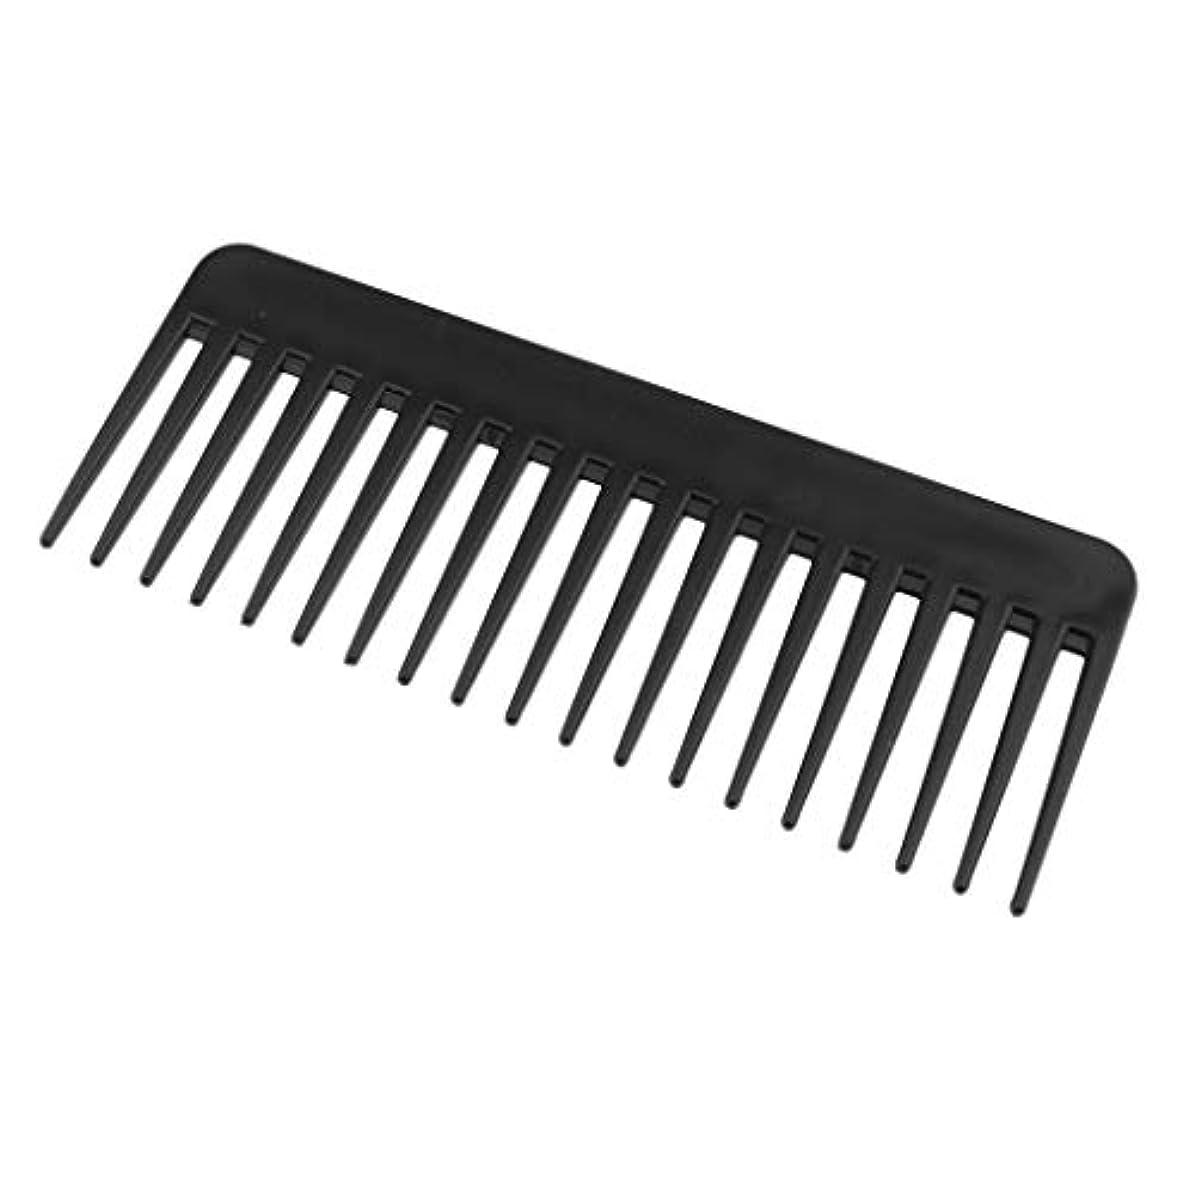 非公式繁殖商人F Fityle 帯電防止くし プラスチック製 ヘアブラシ 丈夫 3色選べ - ブラック